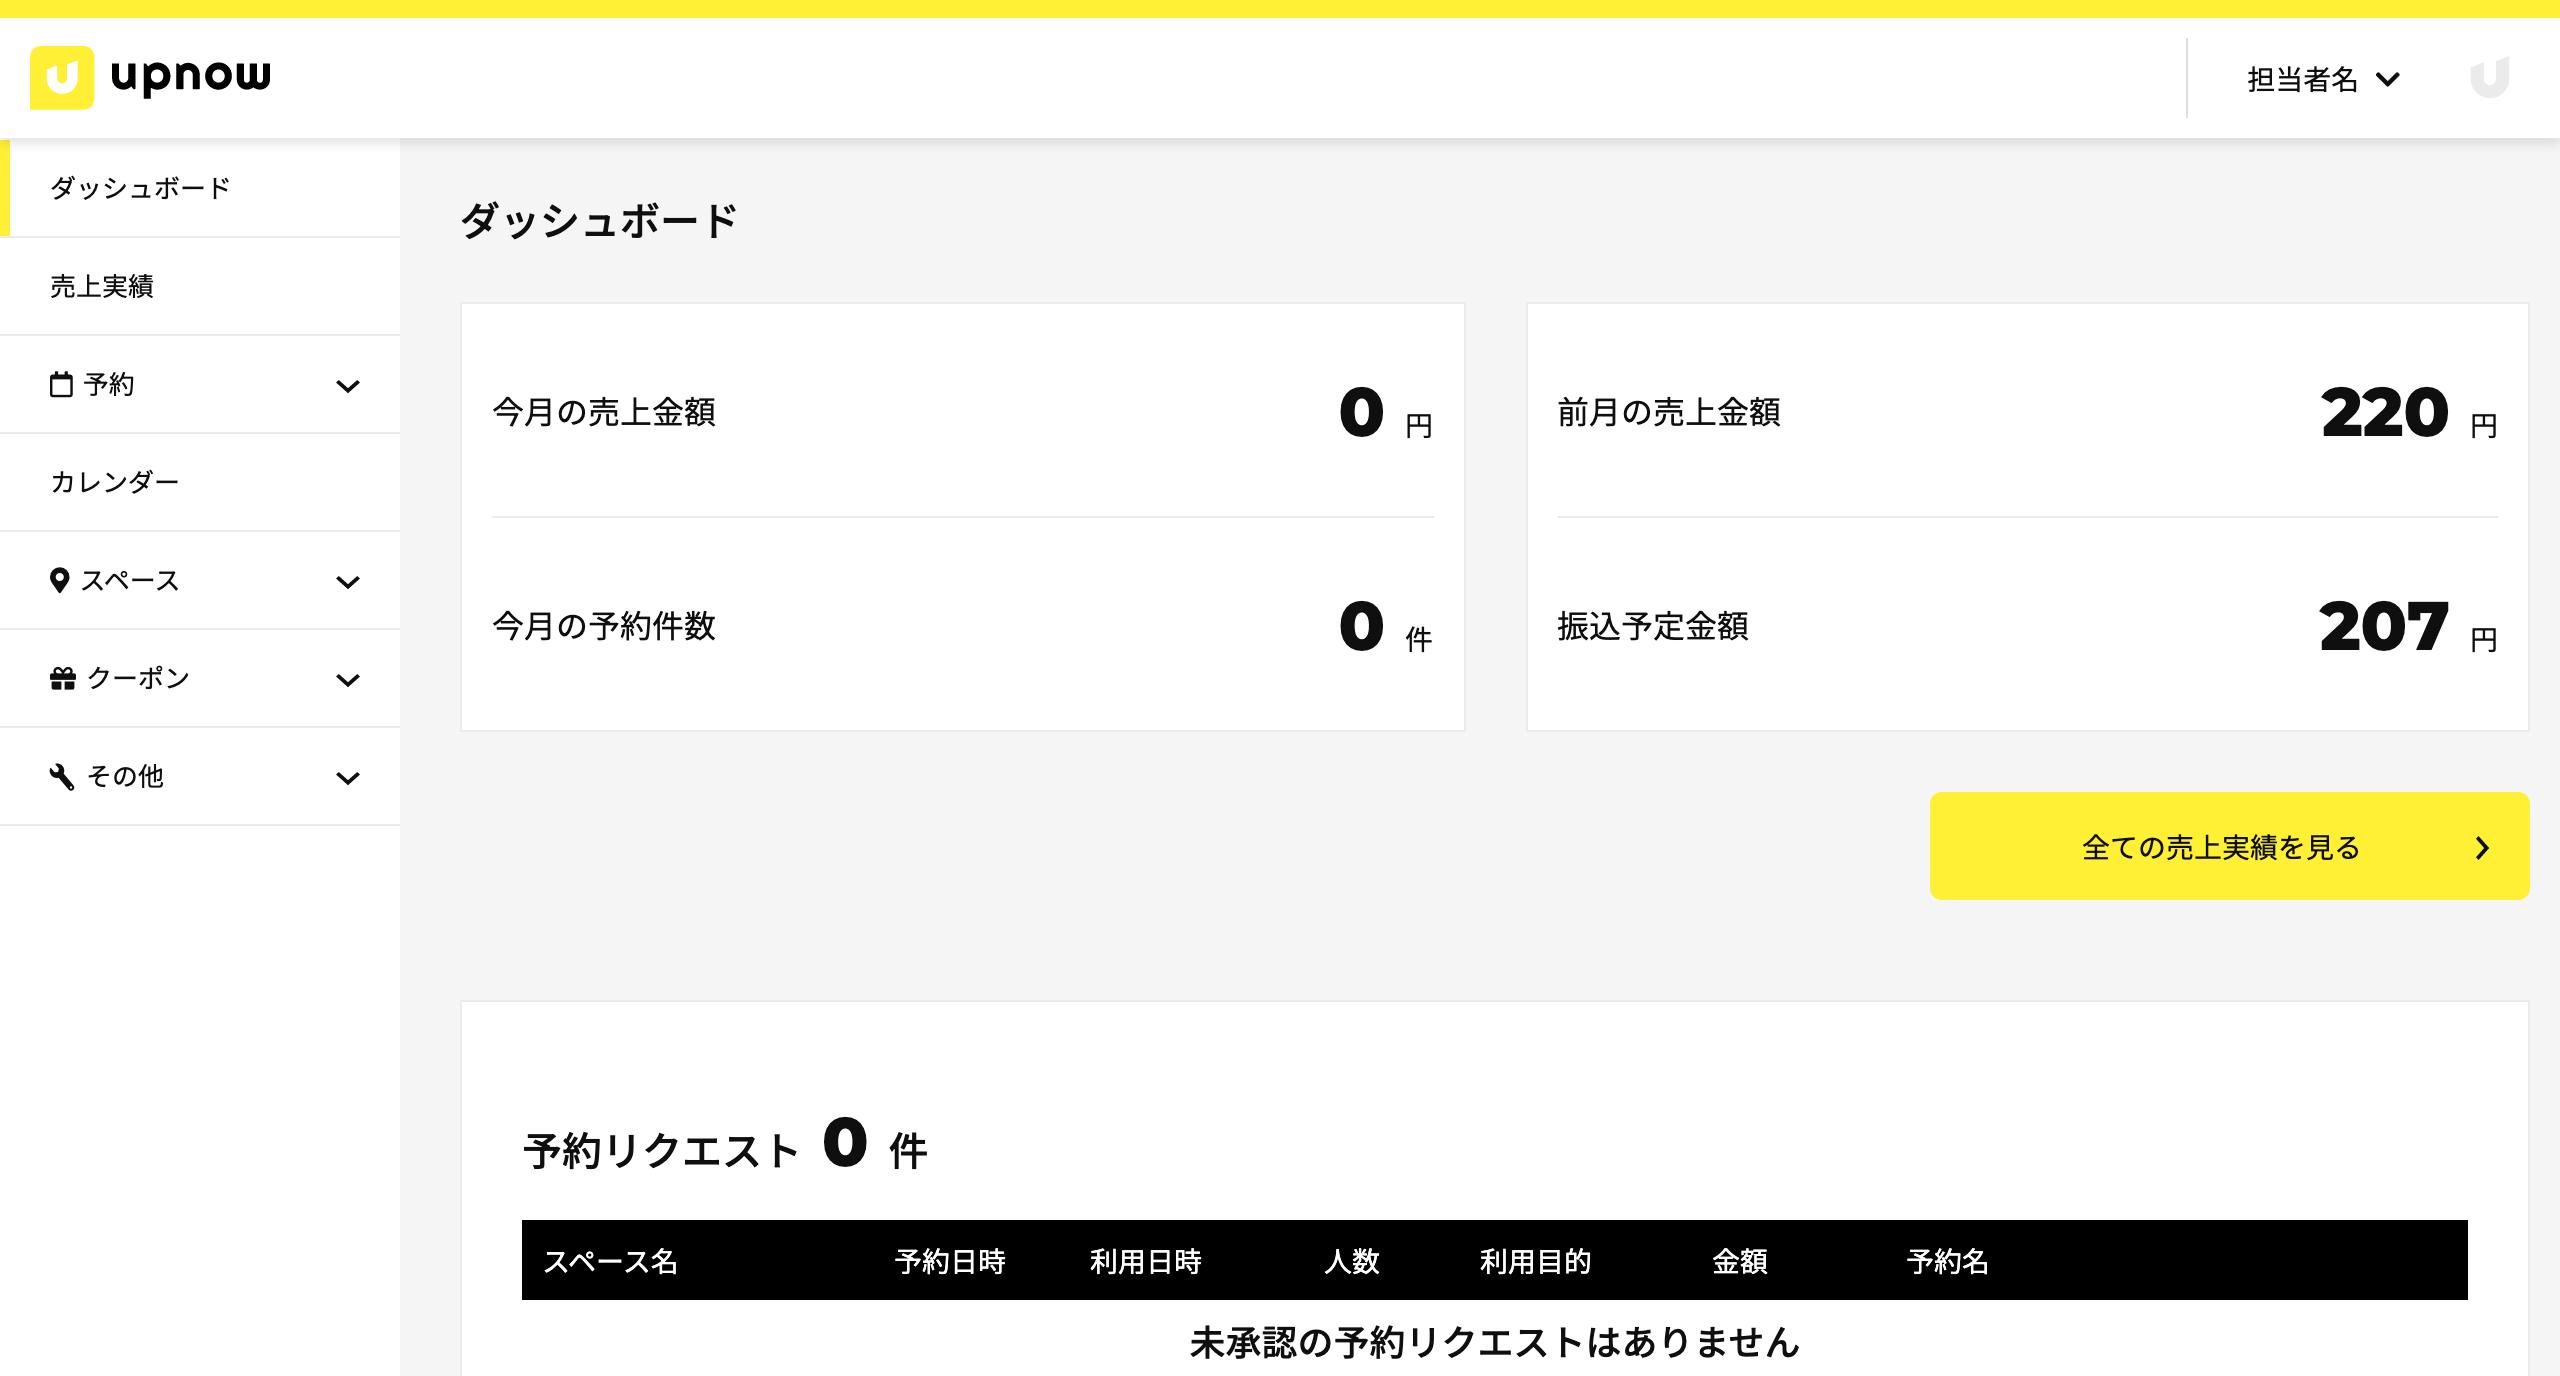 スクリーンショット 2020-05-08 16.47.46.png